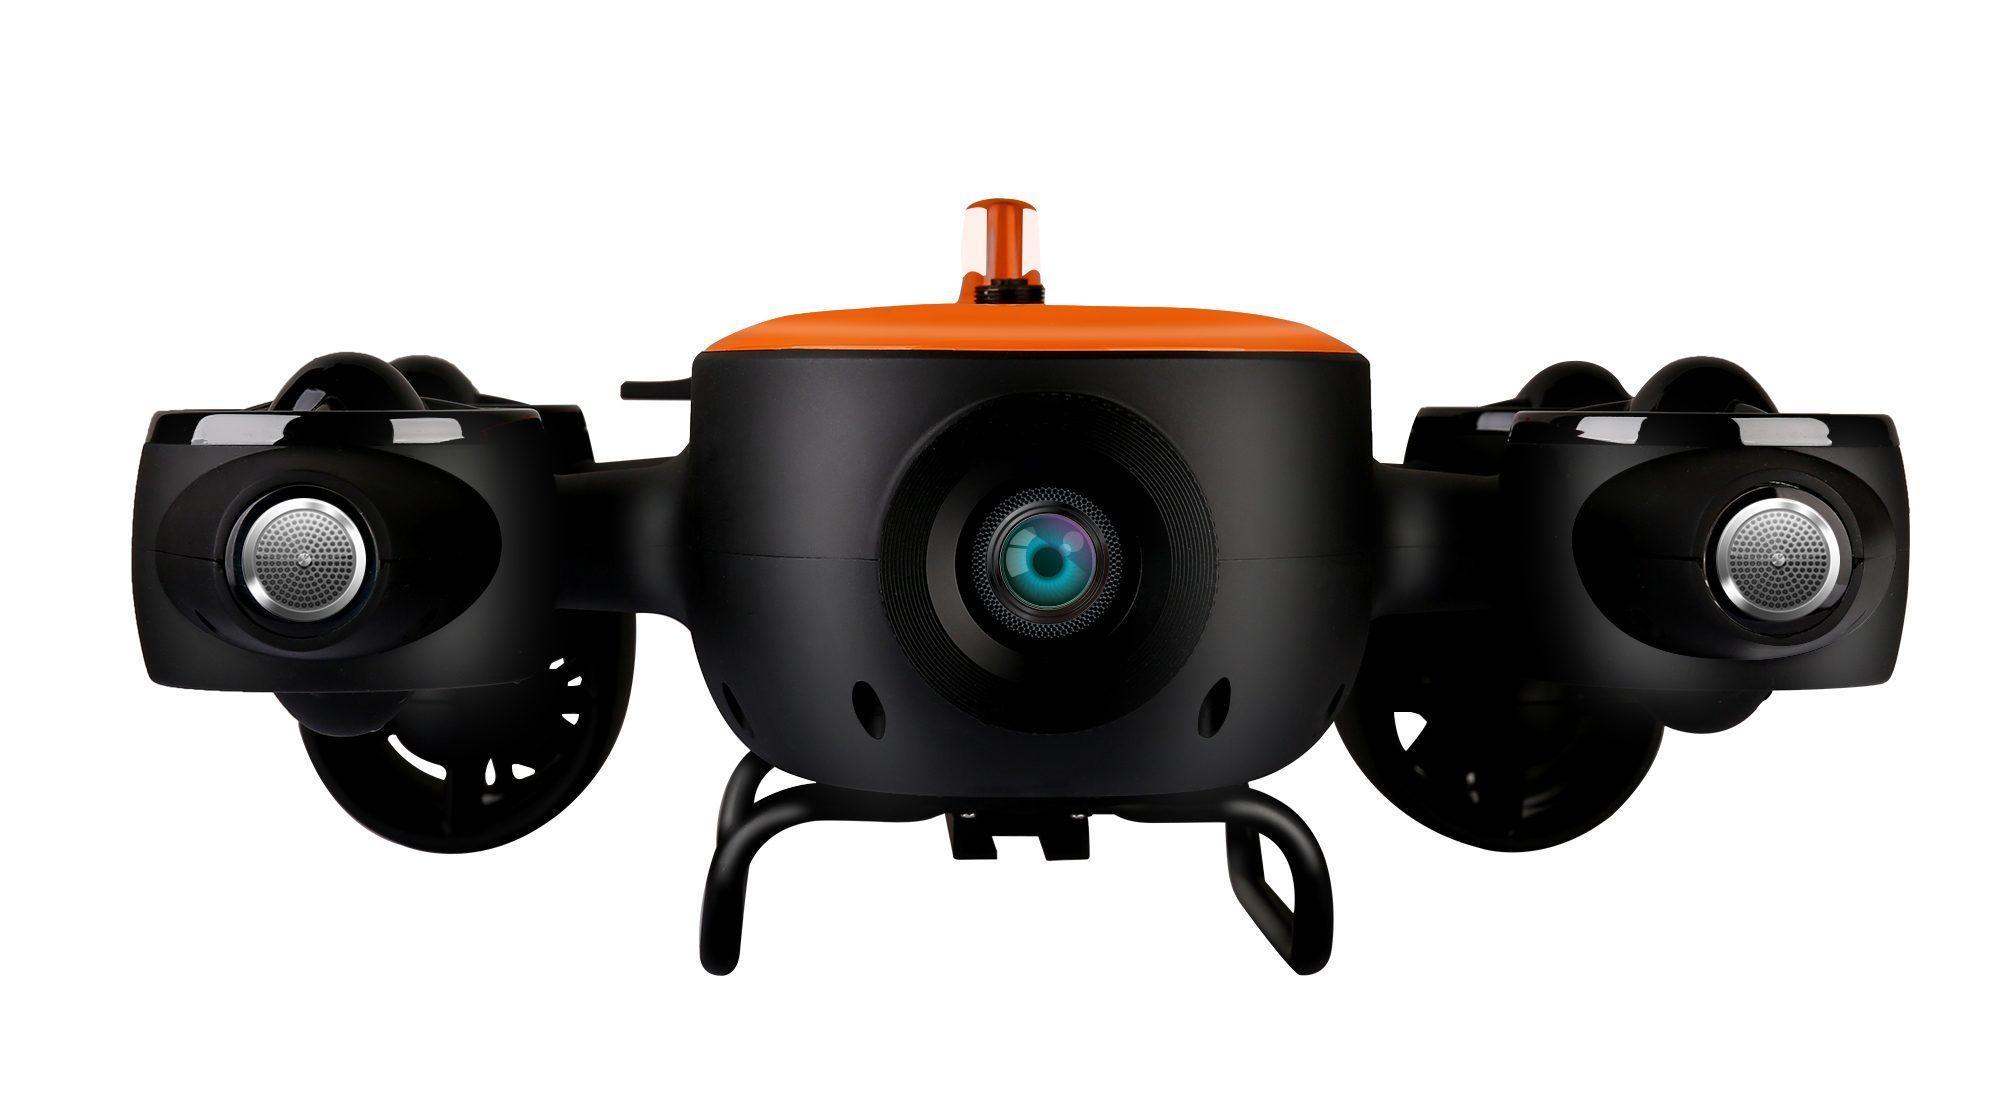 Titan Underwater Drone - The Titan